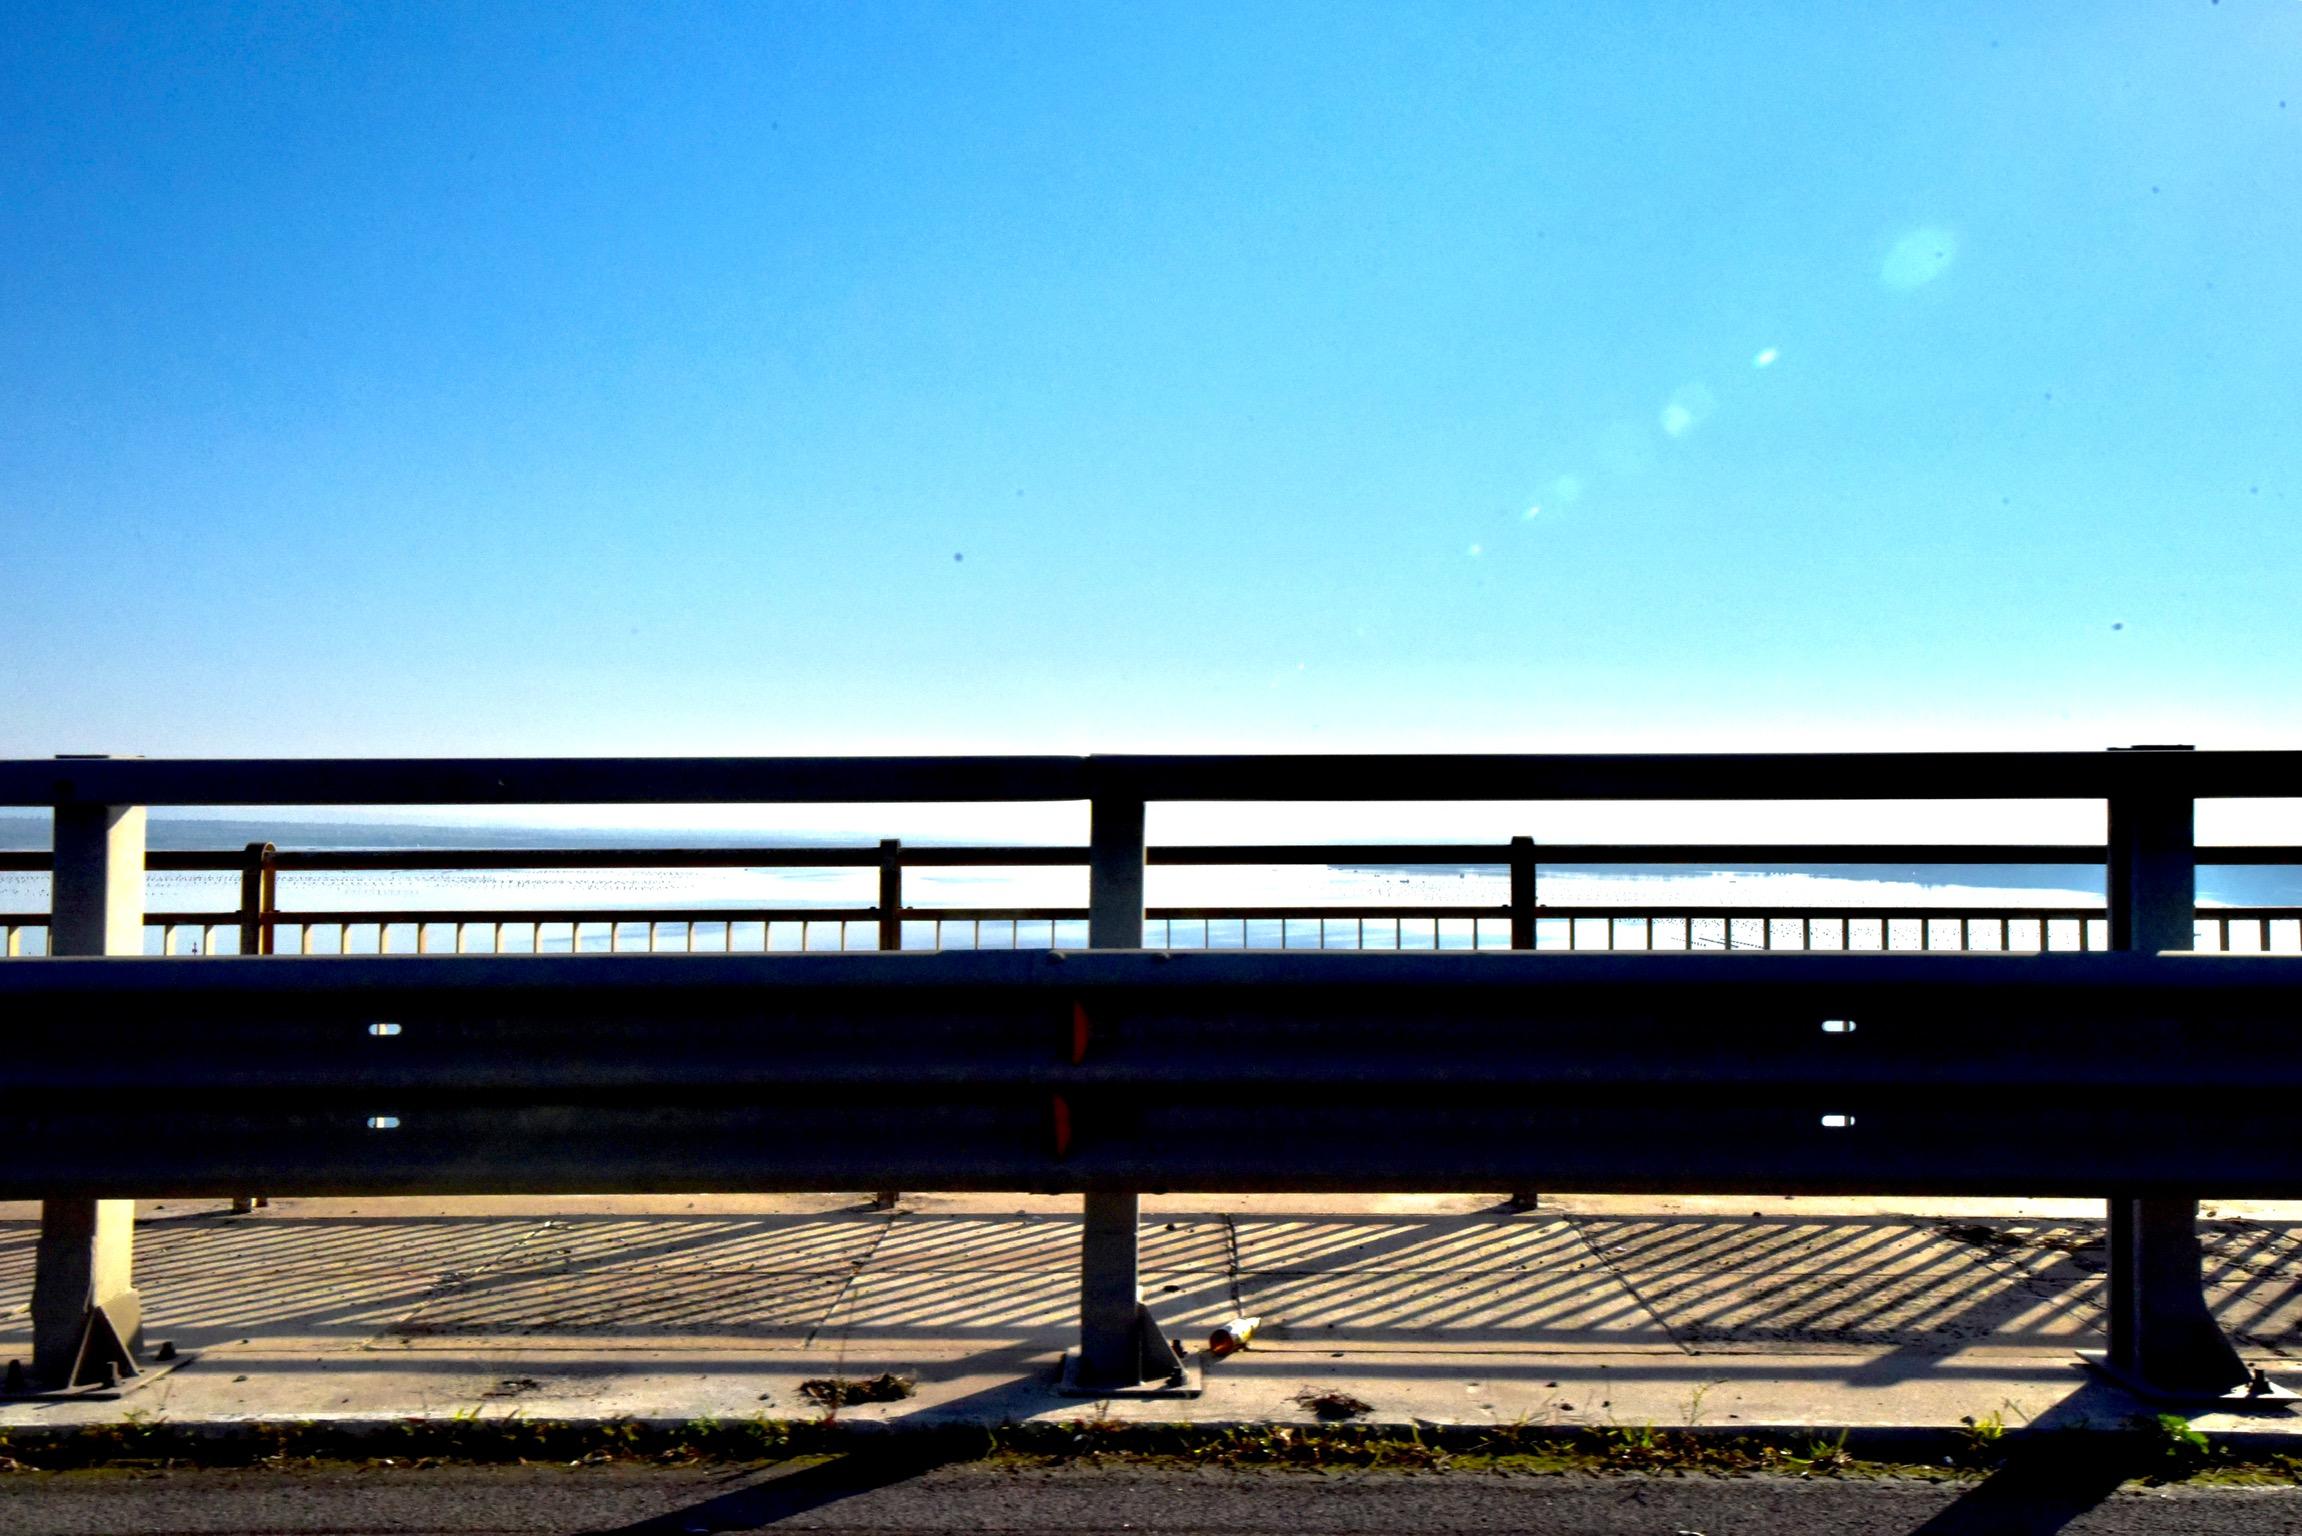 レッジョ・ディ・カラブリアの海沿い道路